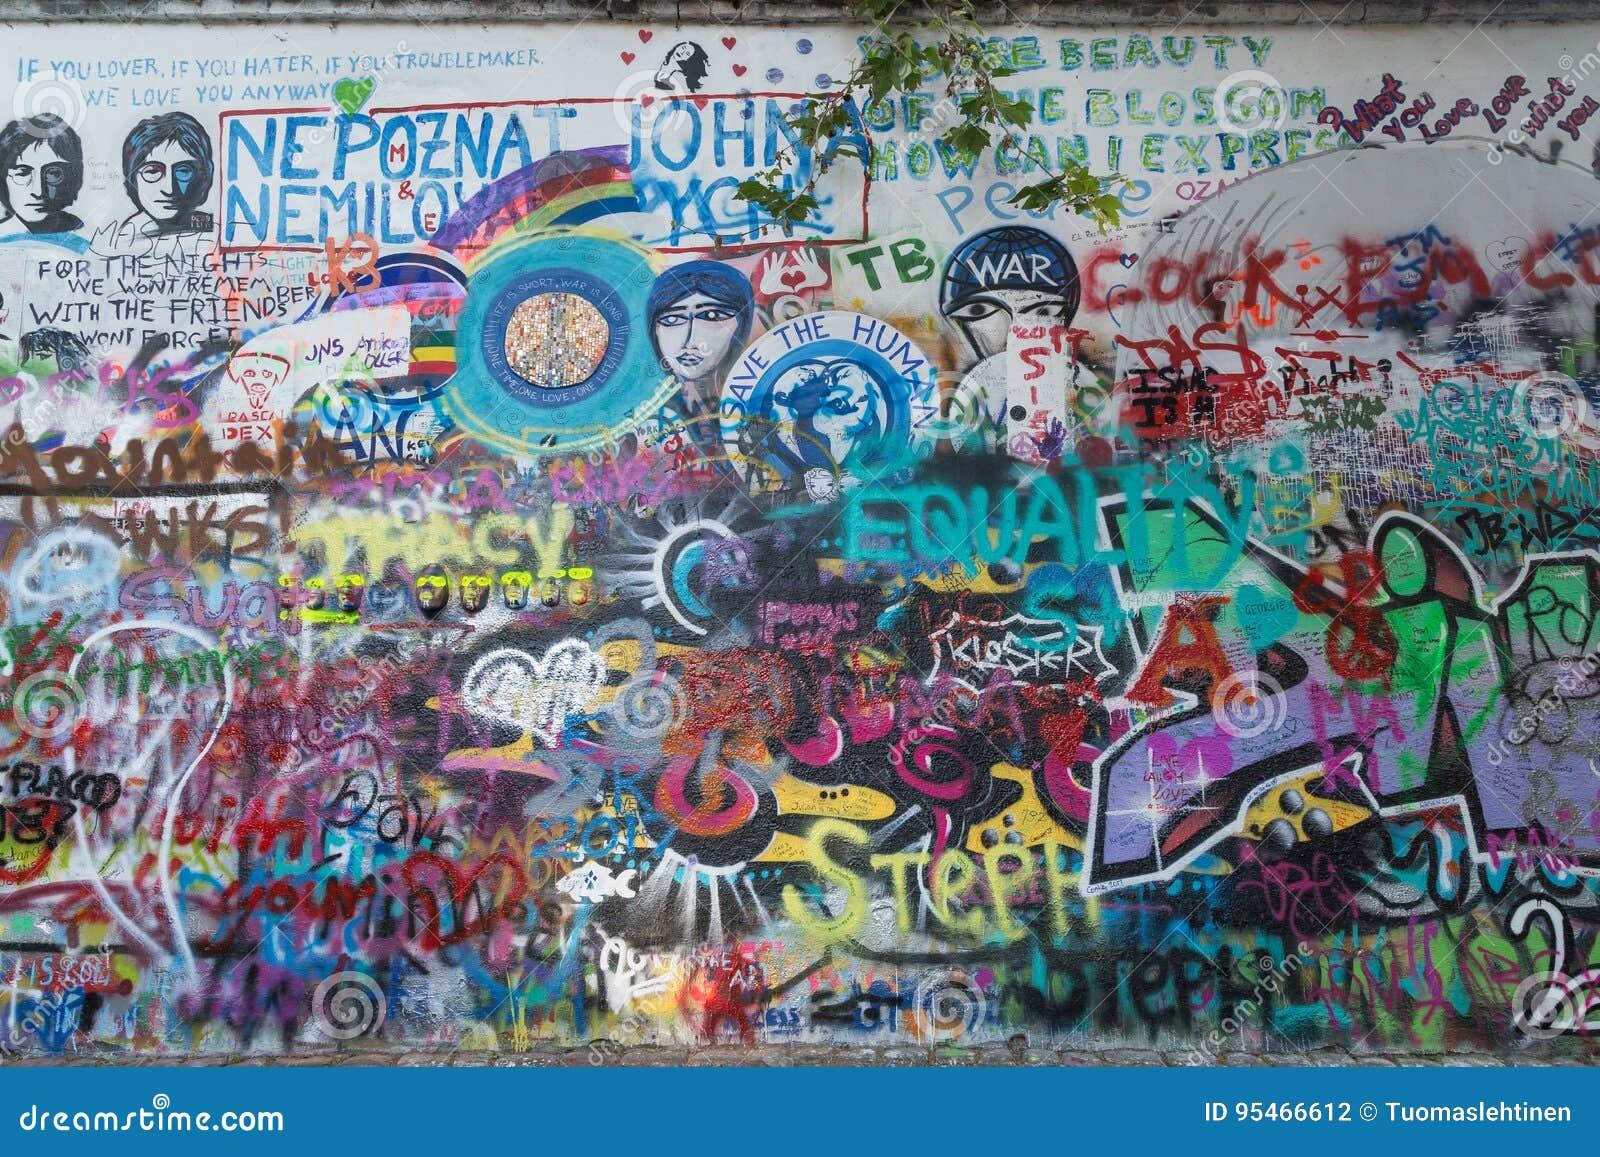 Art on the lennon wall in prague